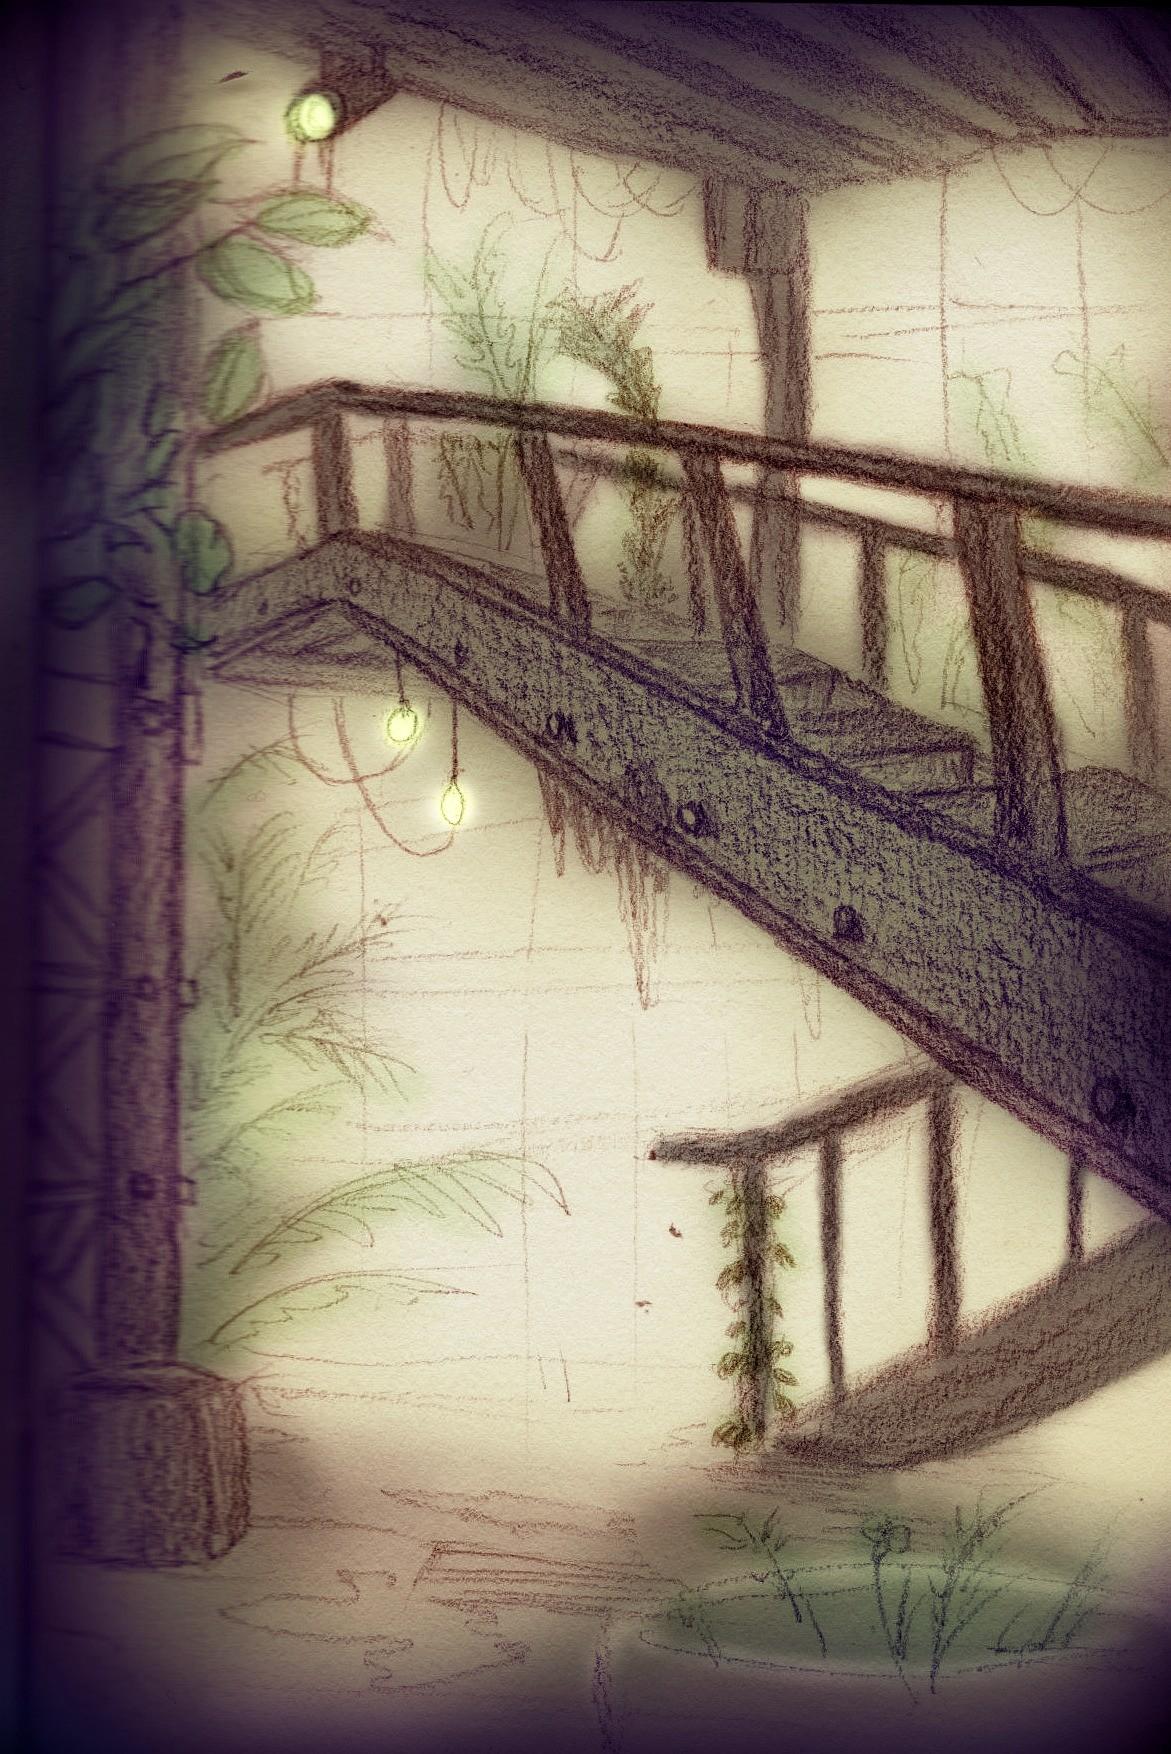 Akai shoku image 38